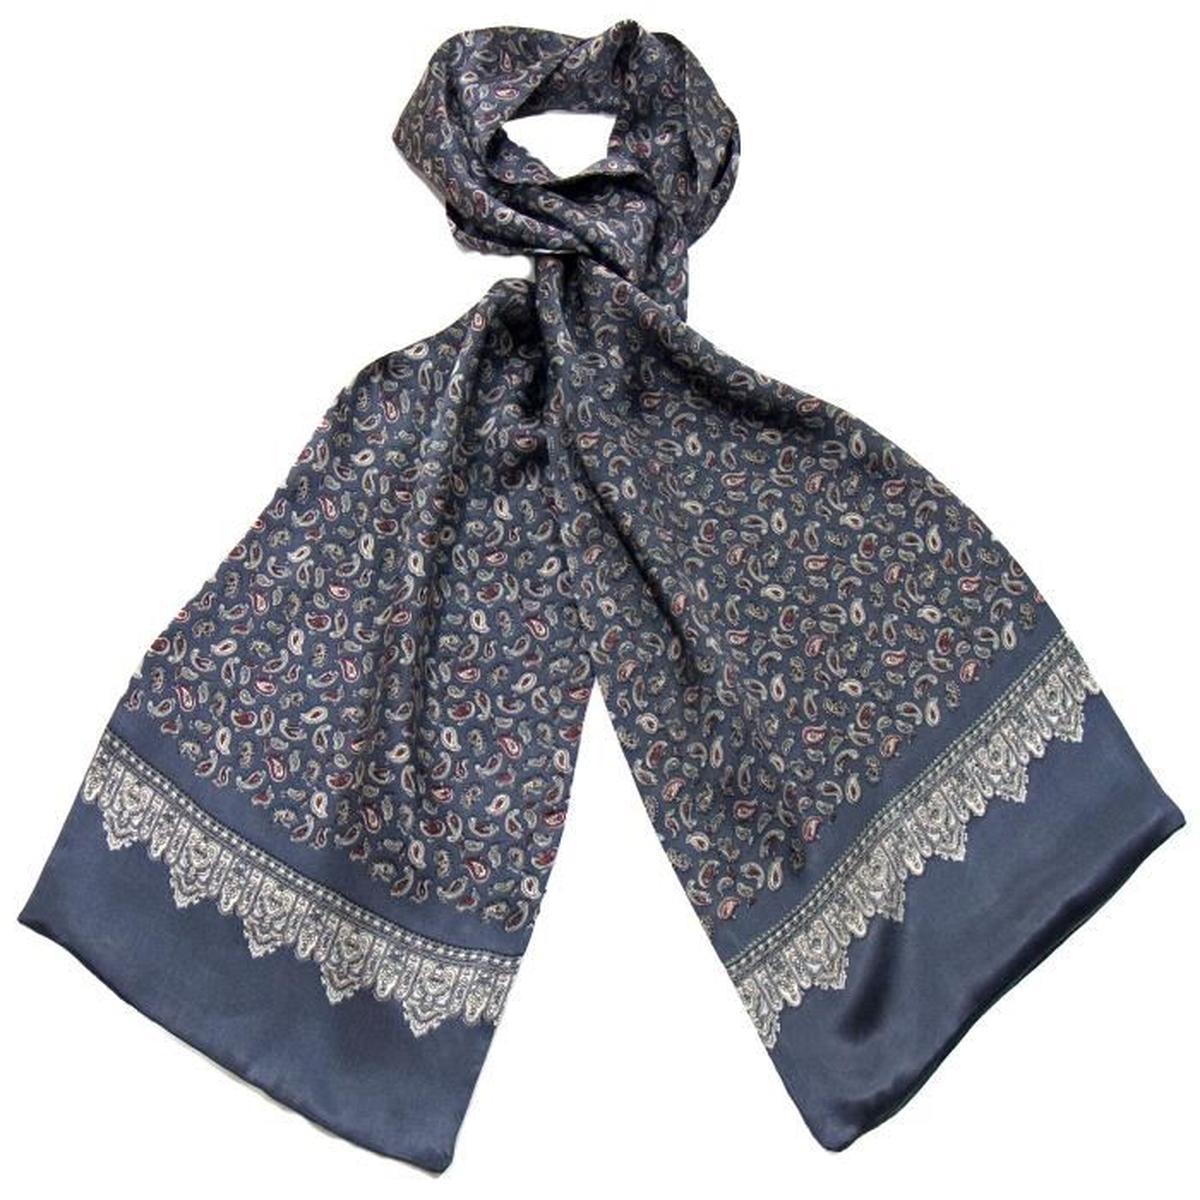 Echarpe de soie homme - Idée pour s habiller a625dd6f708